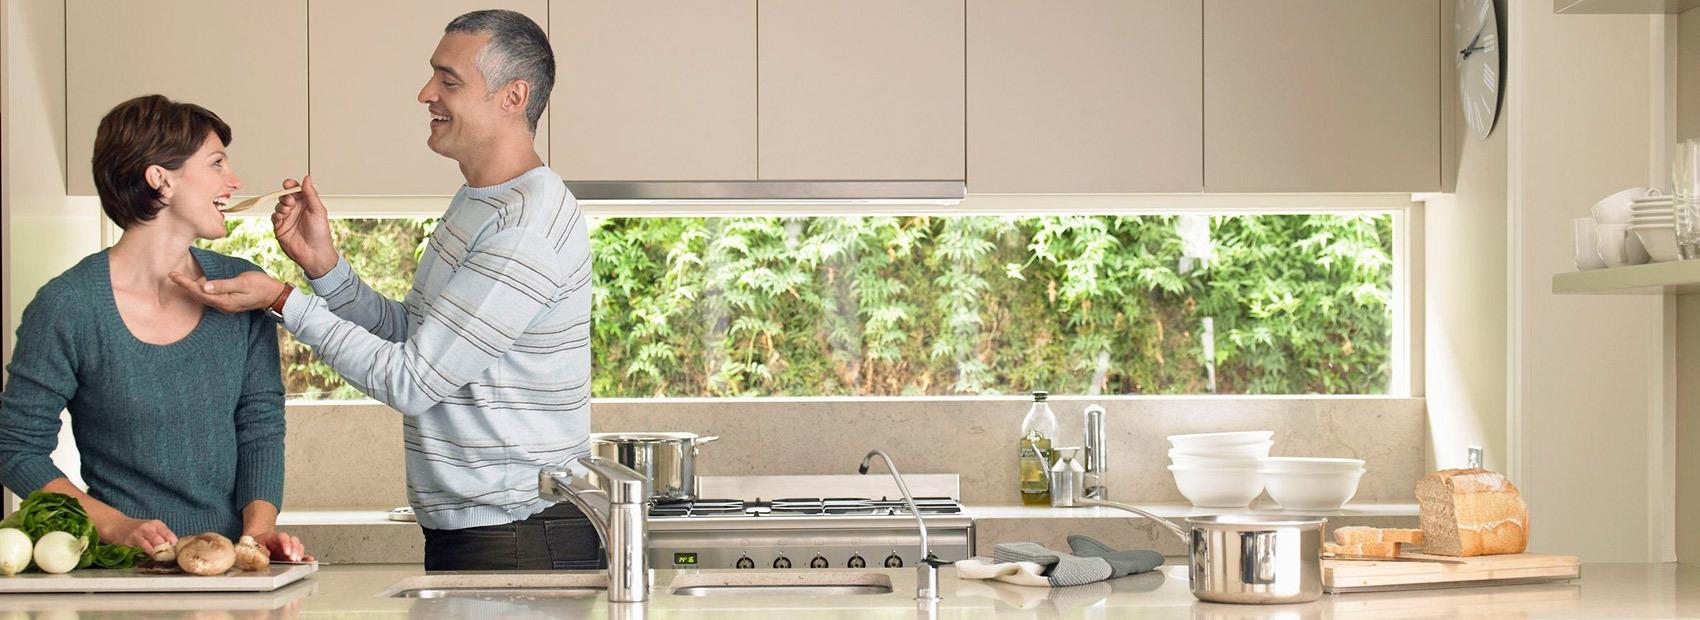 Emoci n cocinas mucho m s que muebles de cocina for Planificador cocinas 3d